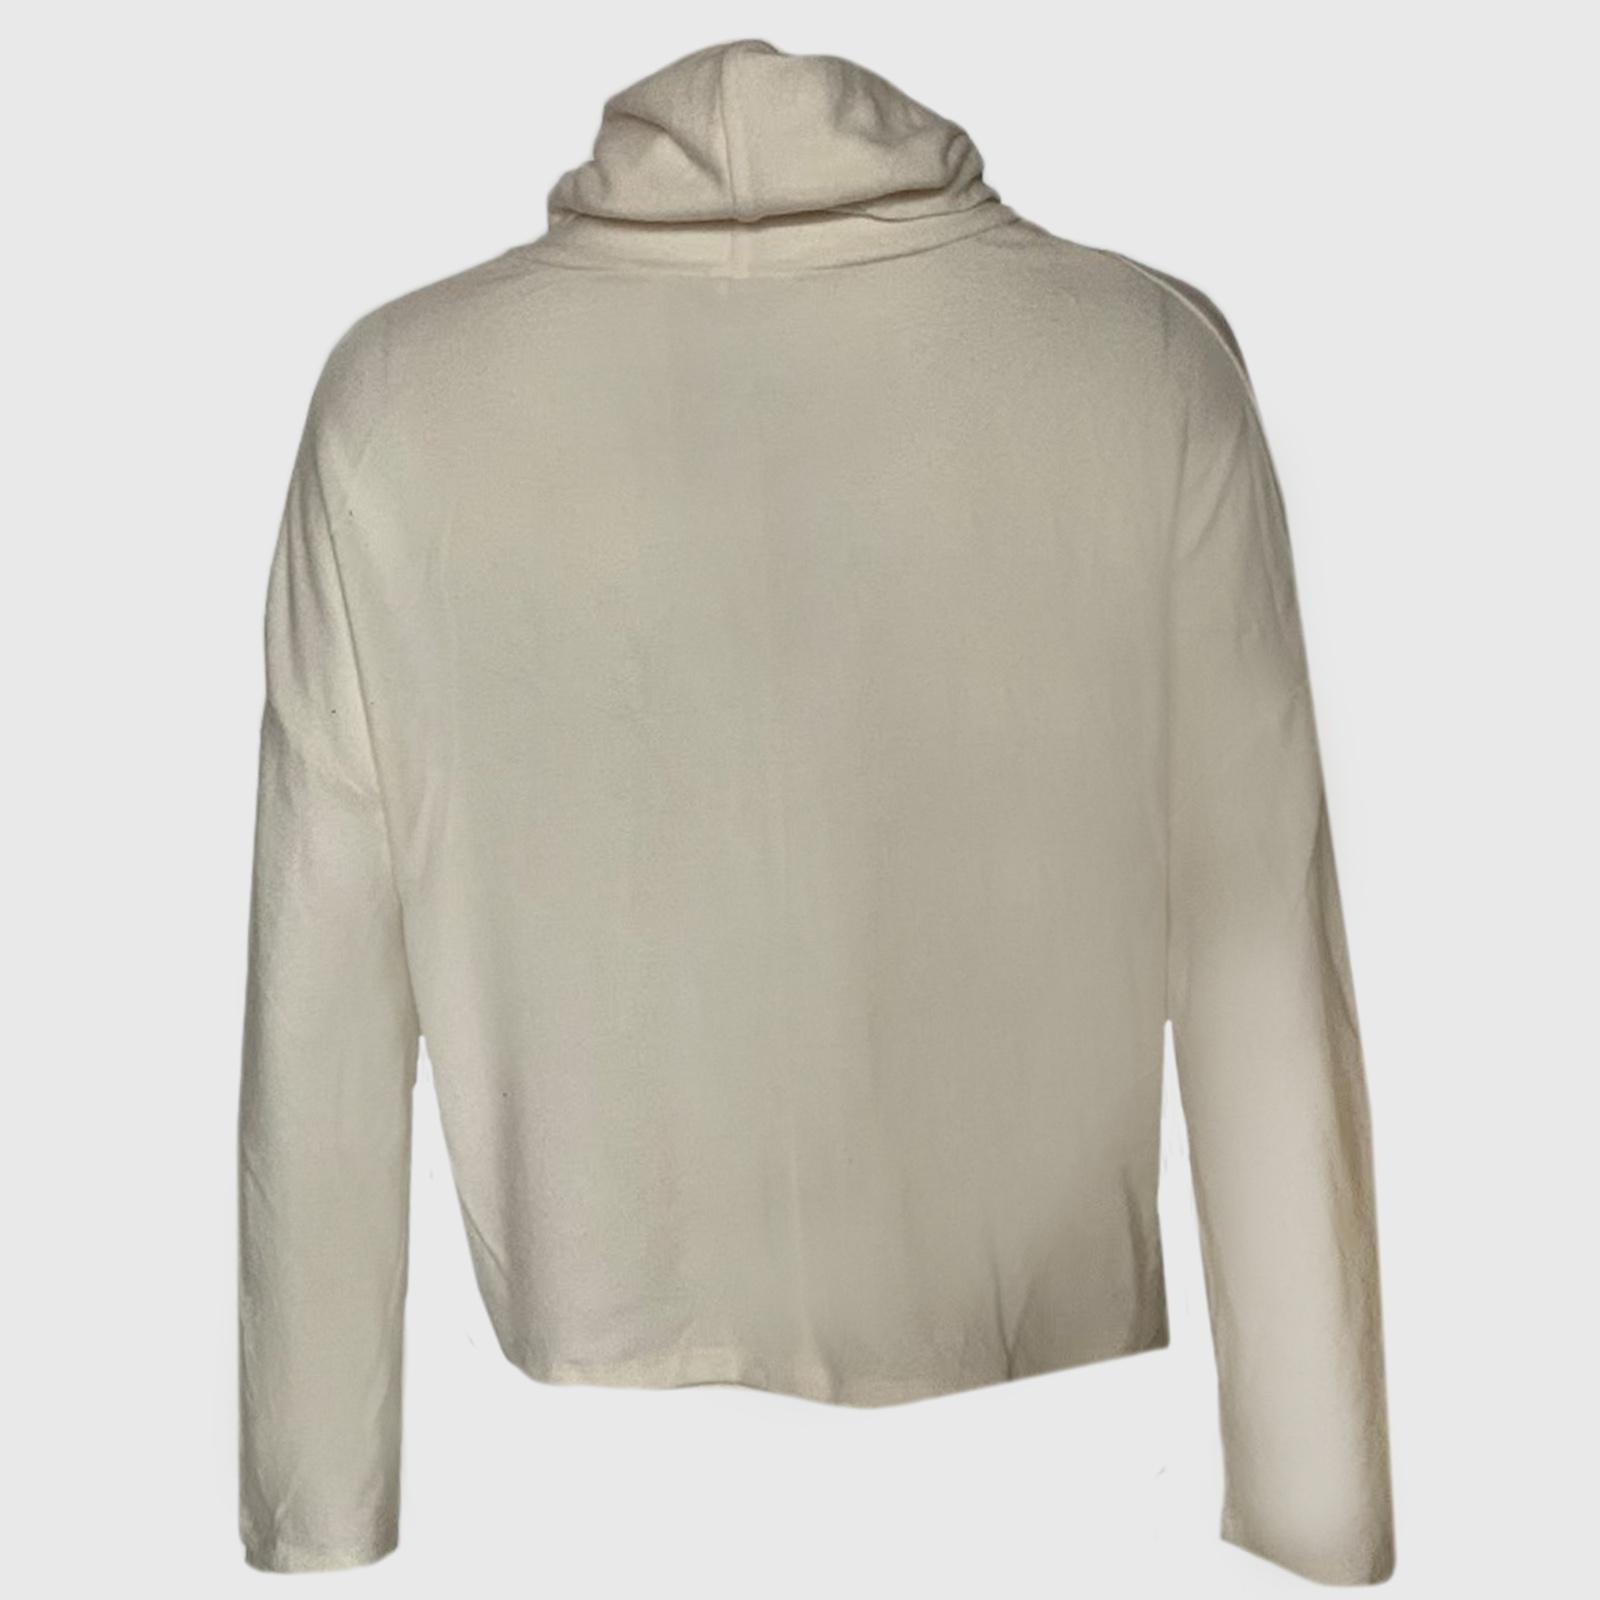 Заказать с доставкой женскую одежду: кофты, свитера, туники, платья